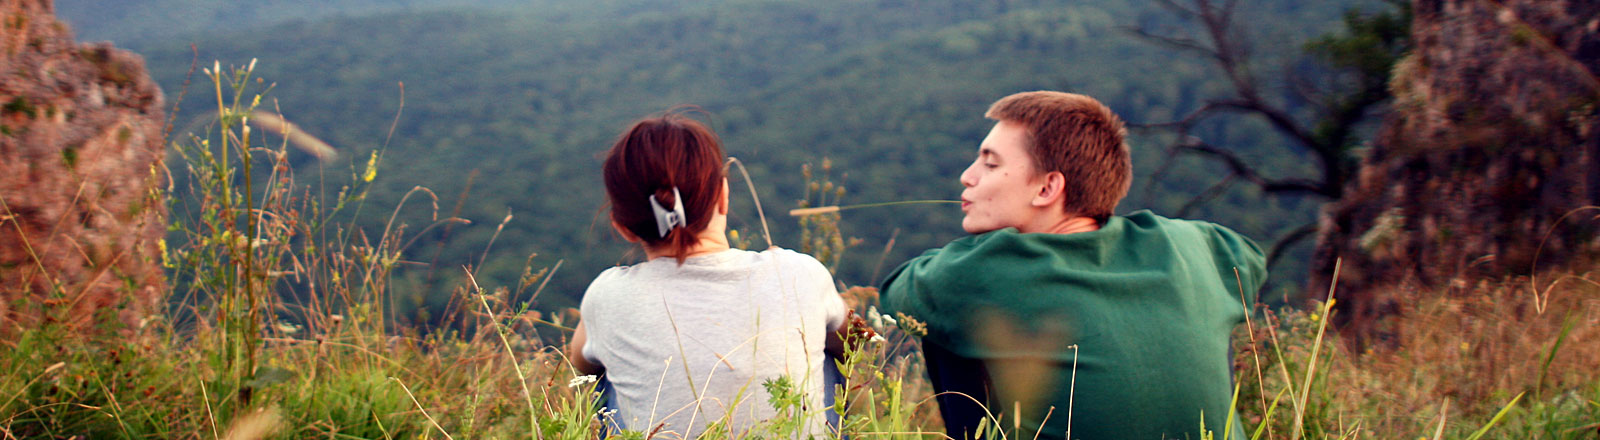 Ein Jugendlicher sitzt neben einem Mädchen und versucht Kontakt mit ihr aufzunehmen, er hat eine Getreideähre im Mund